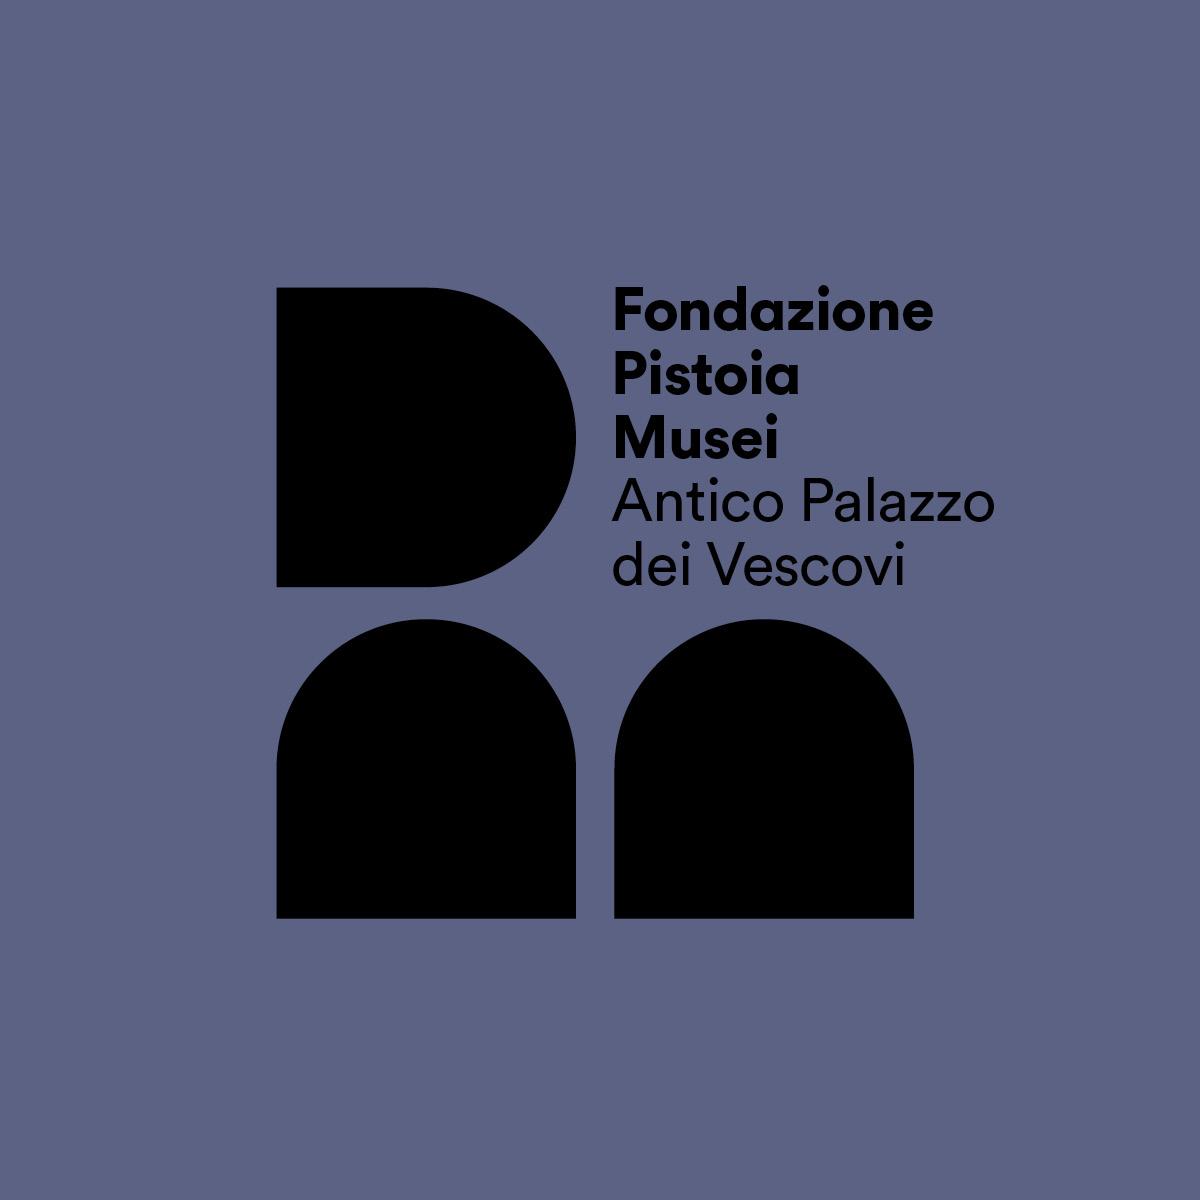 Fondazione-Pistoia-Musei-006